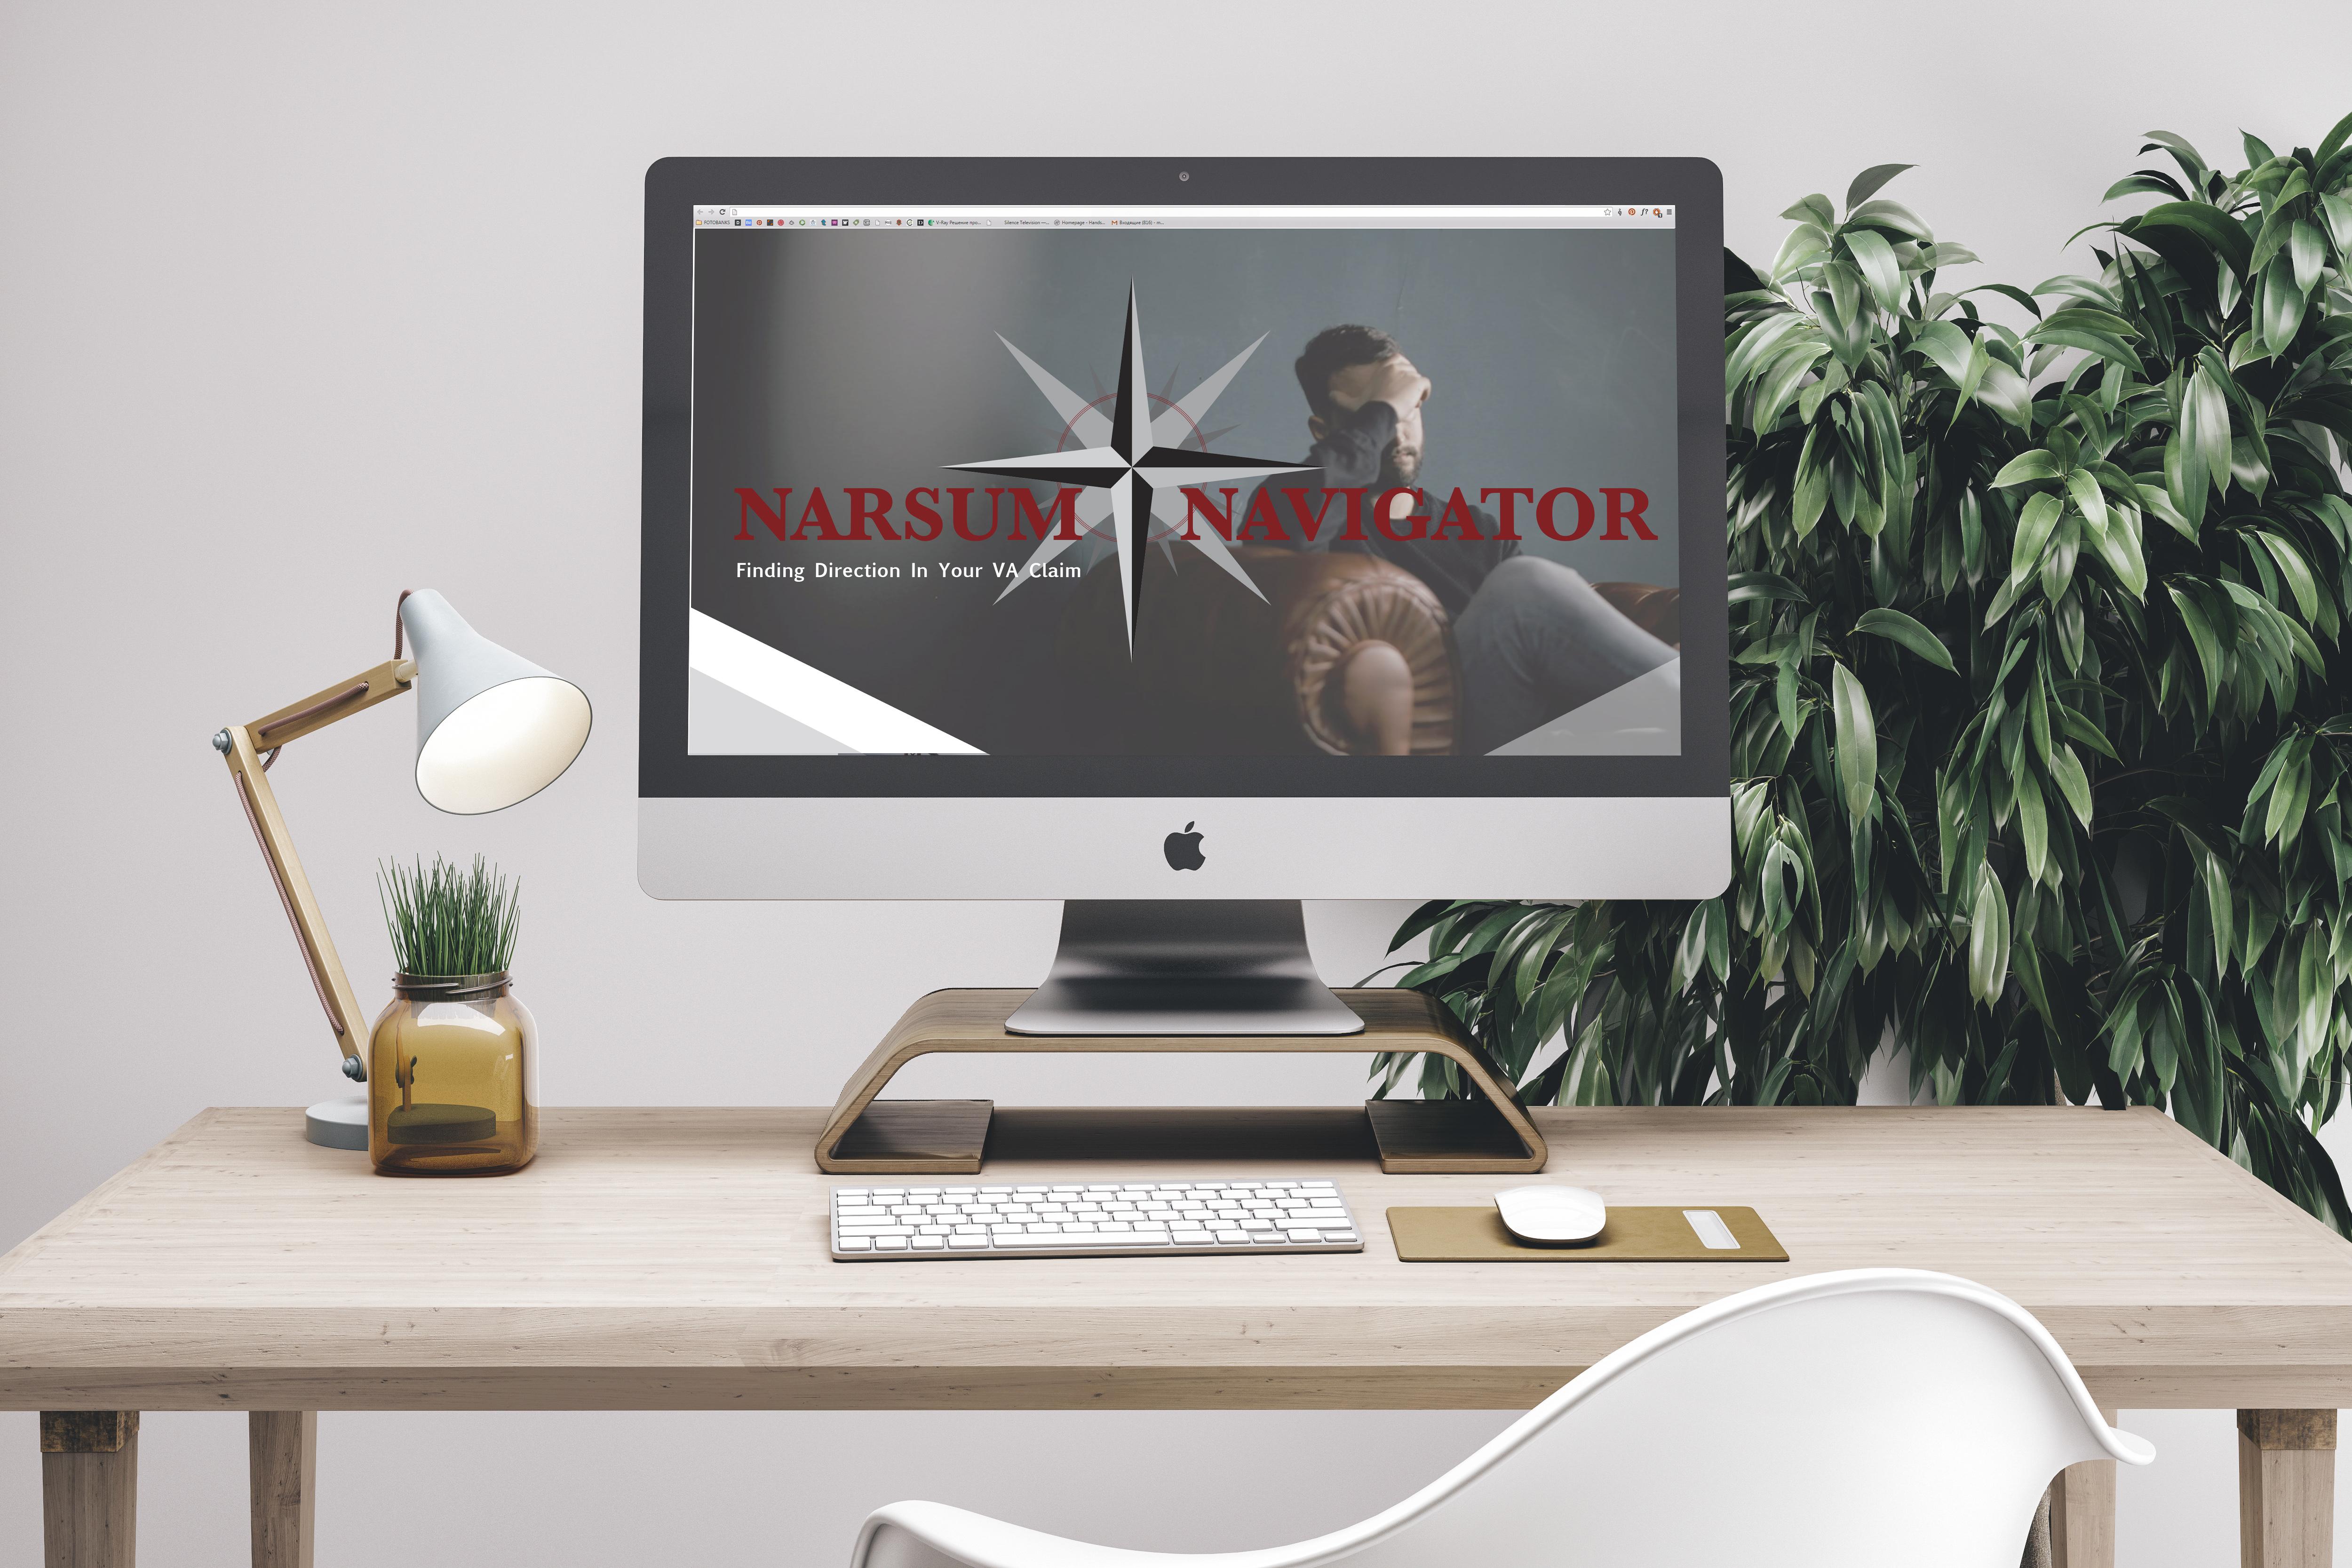 Narsum Navigator